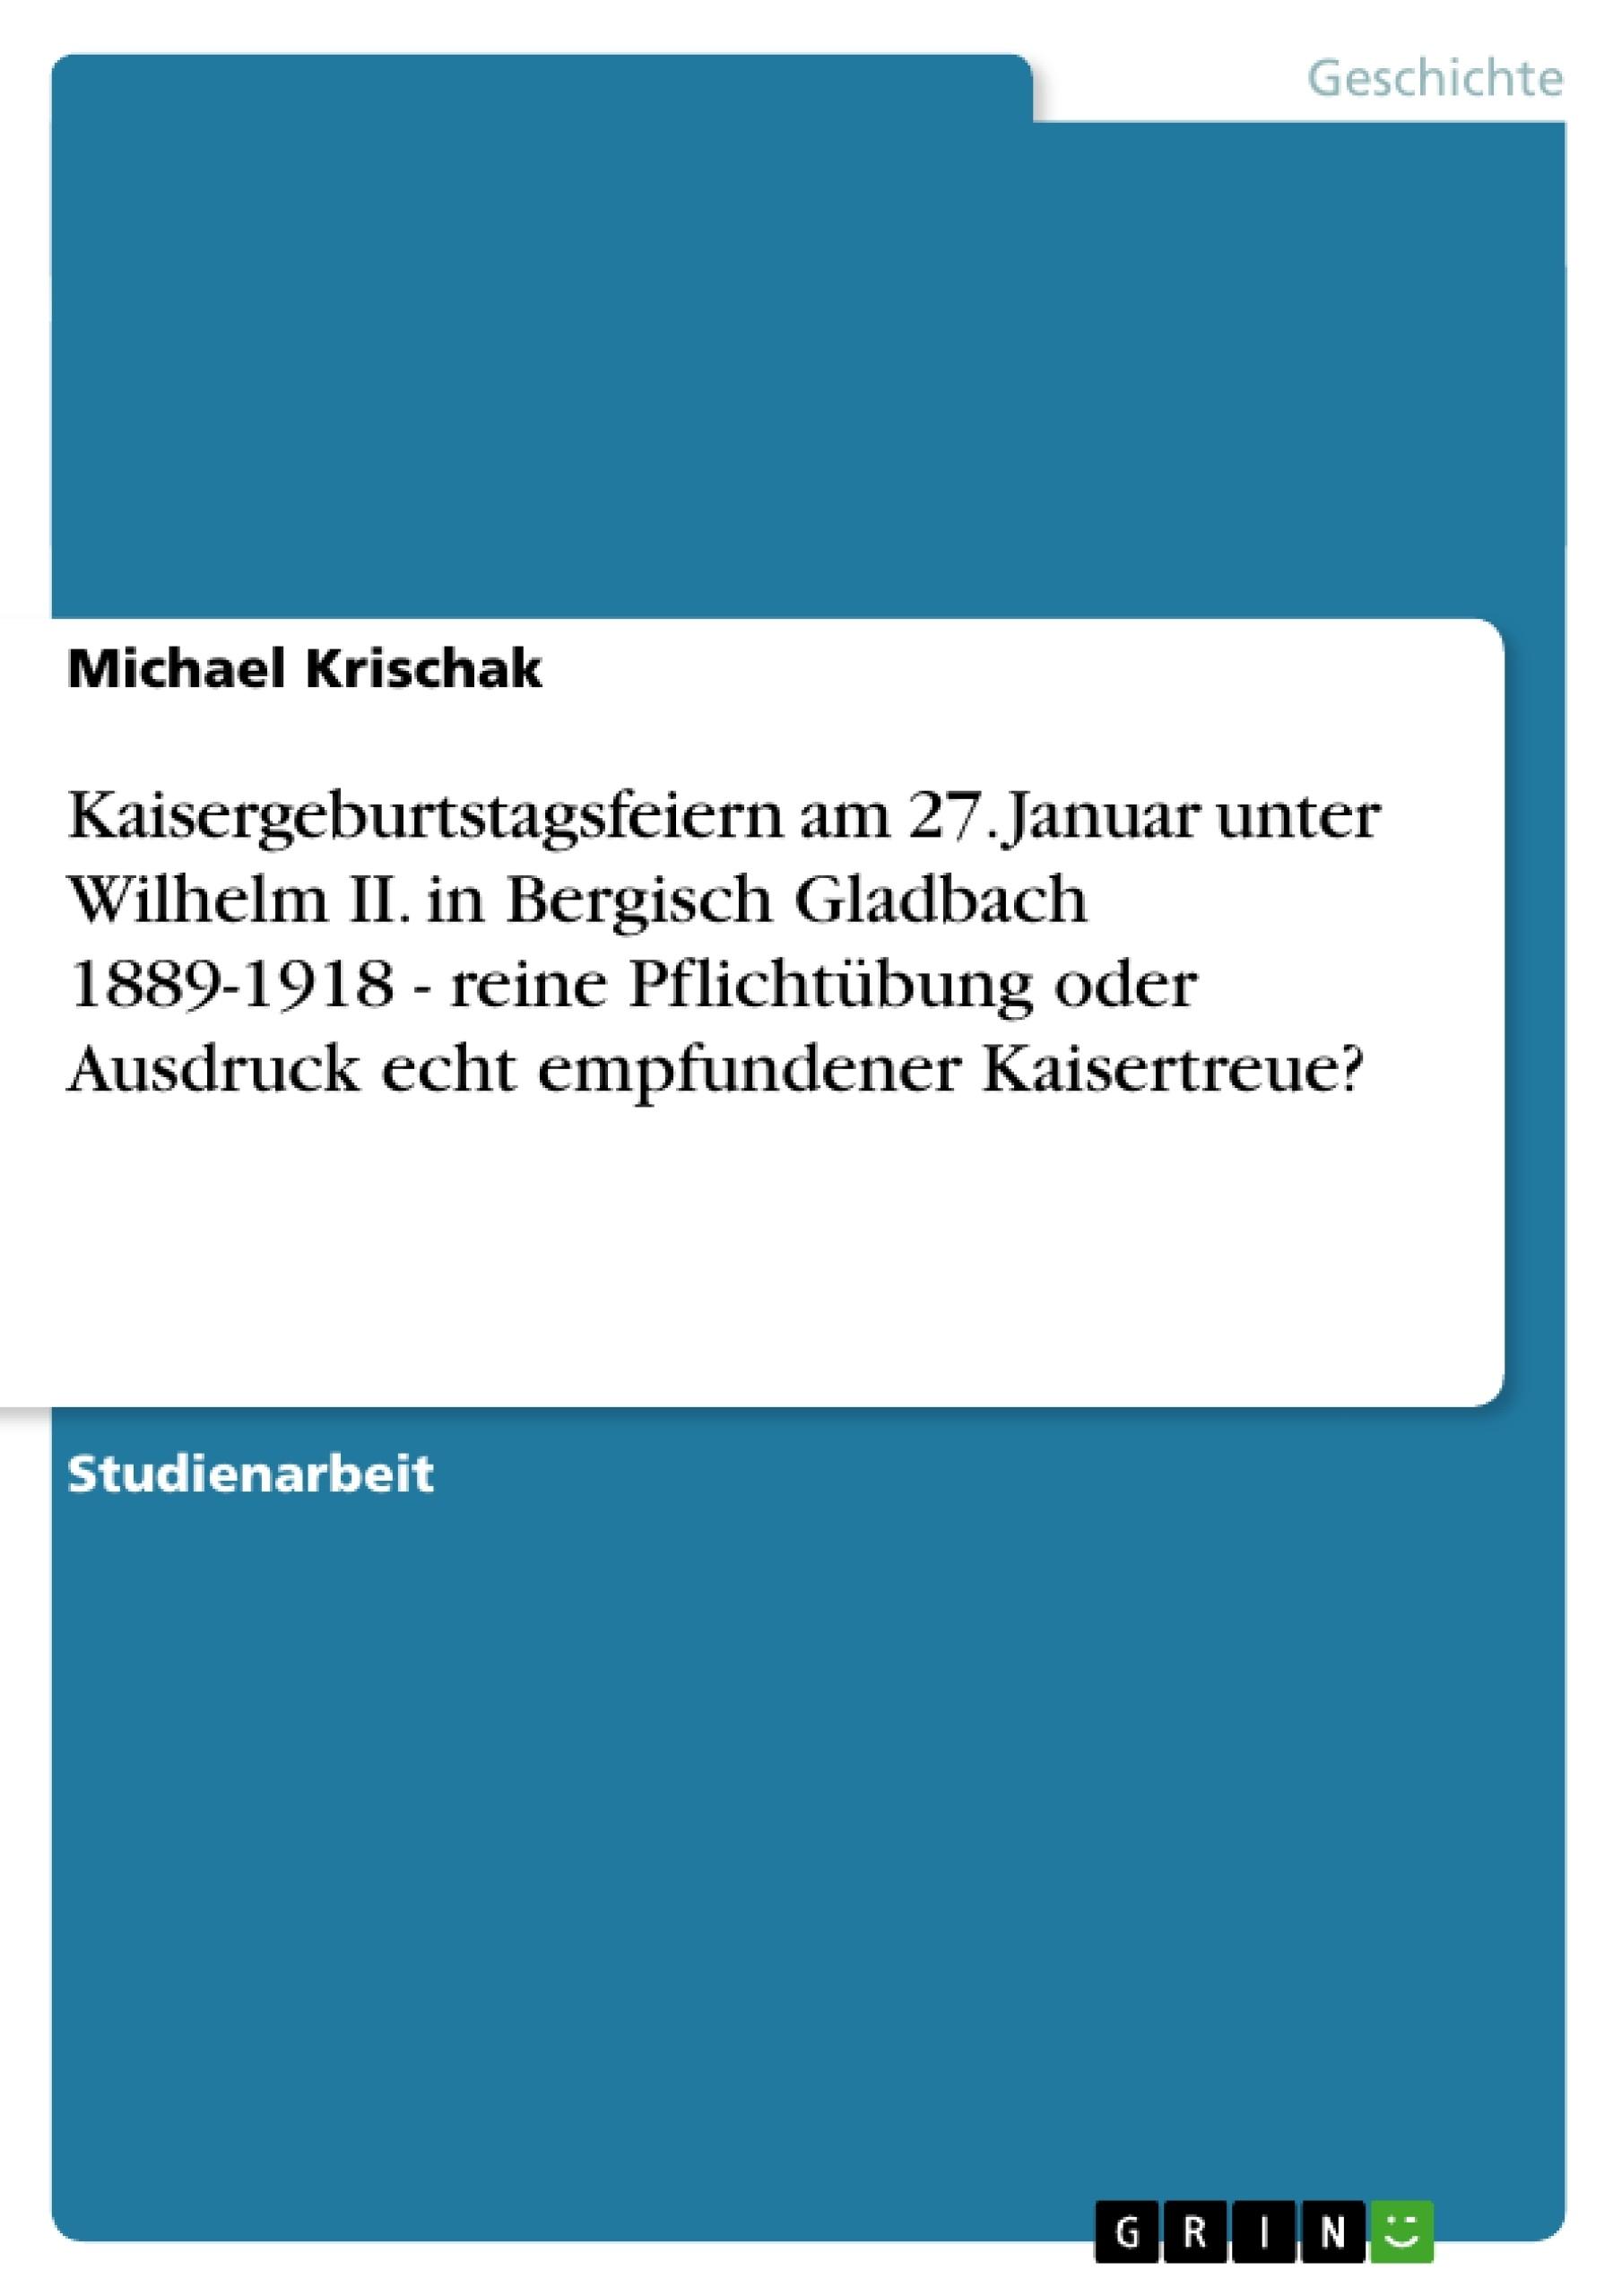 Titel: Kaisergeburtstagsfeiern am 27. Januar unter Wilhelm II. in Bergisch Gladbach 1889-1918 - reine Pflichtübung oder Ausdruck echt empfundener Kaisertreue?